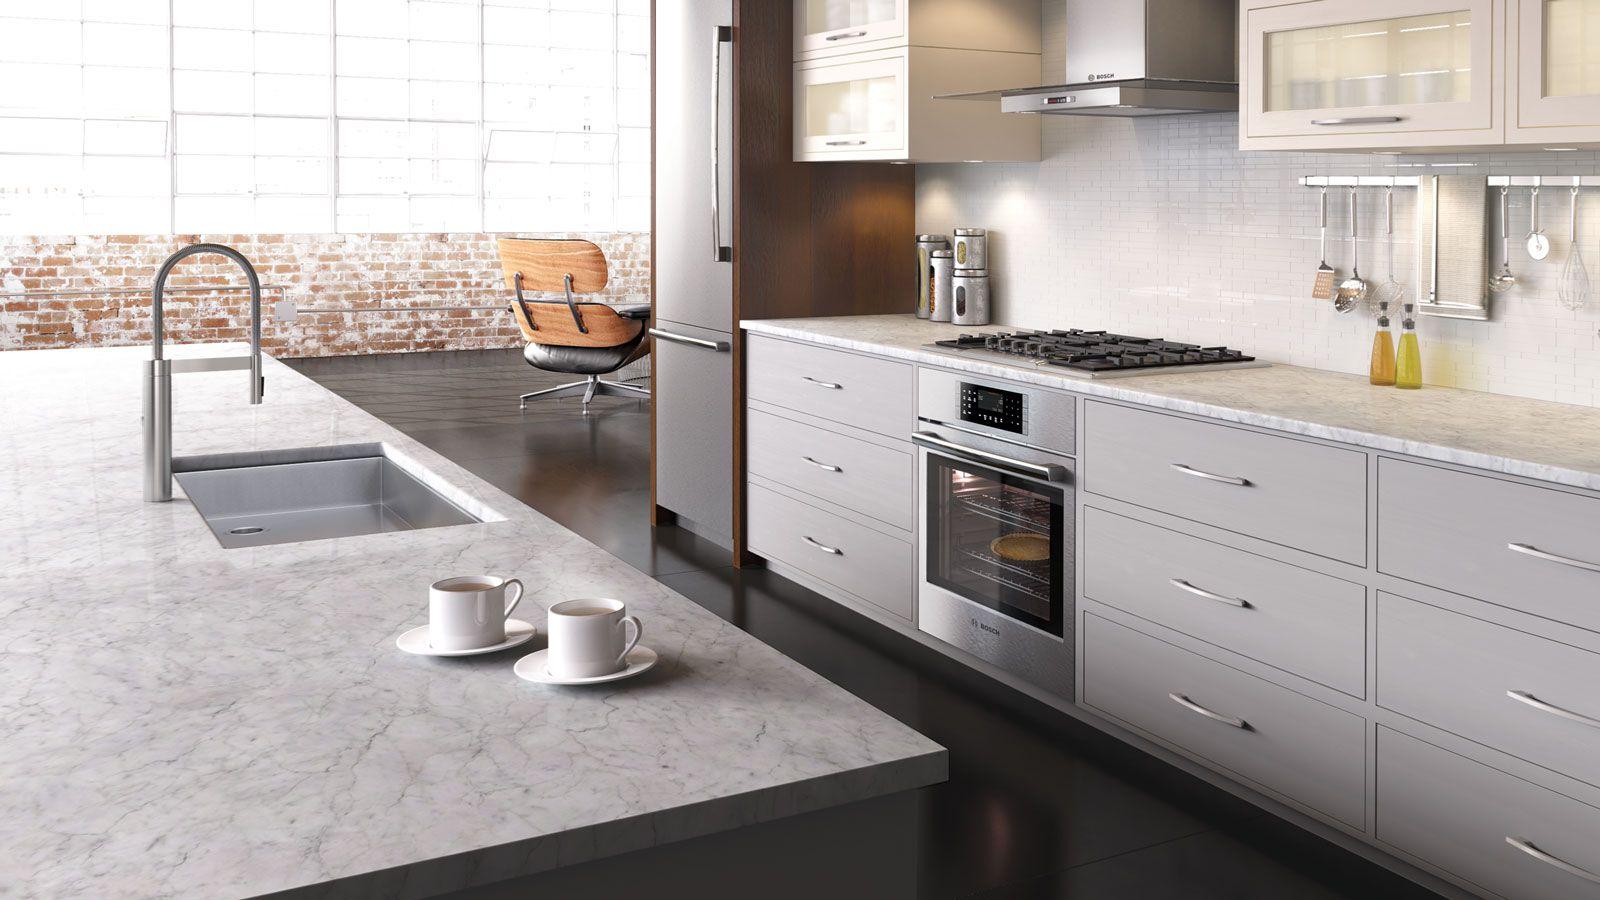 Design inspiration featuring bosch urban kitchen